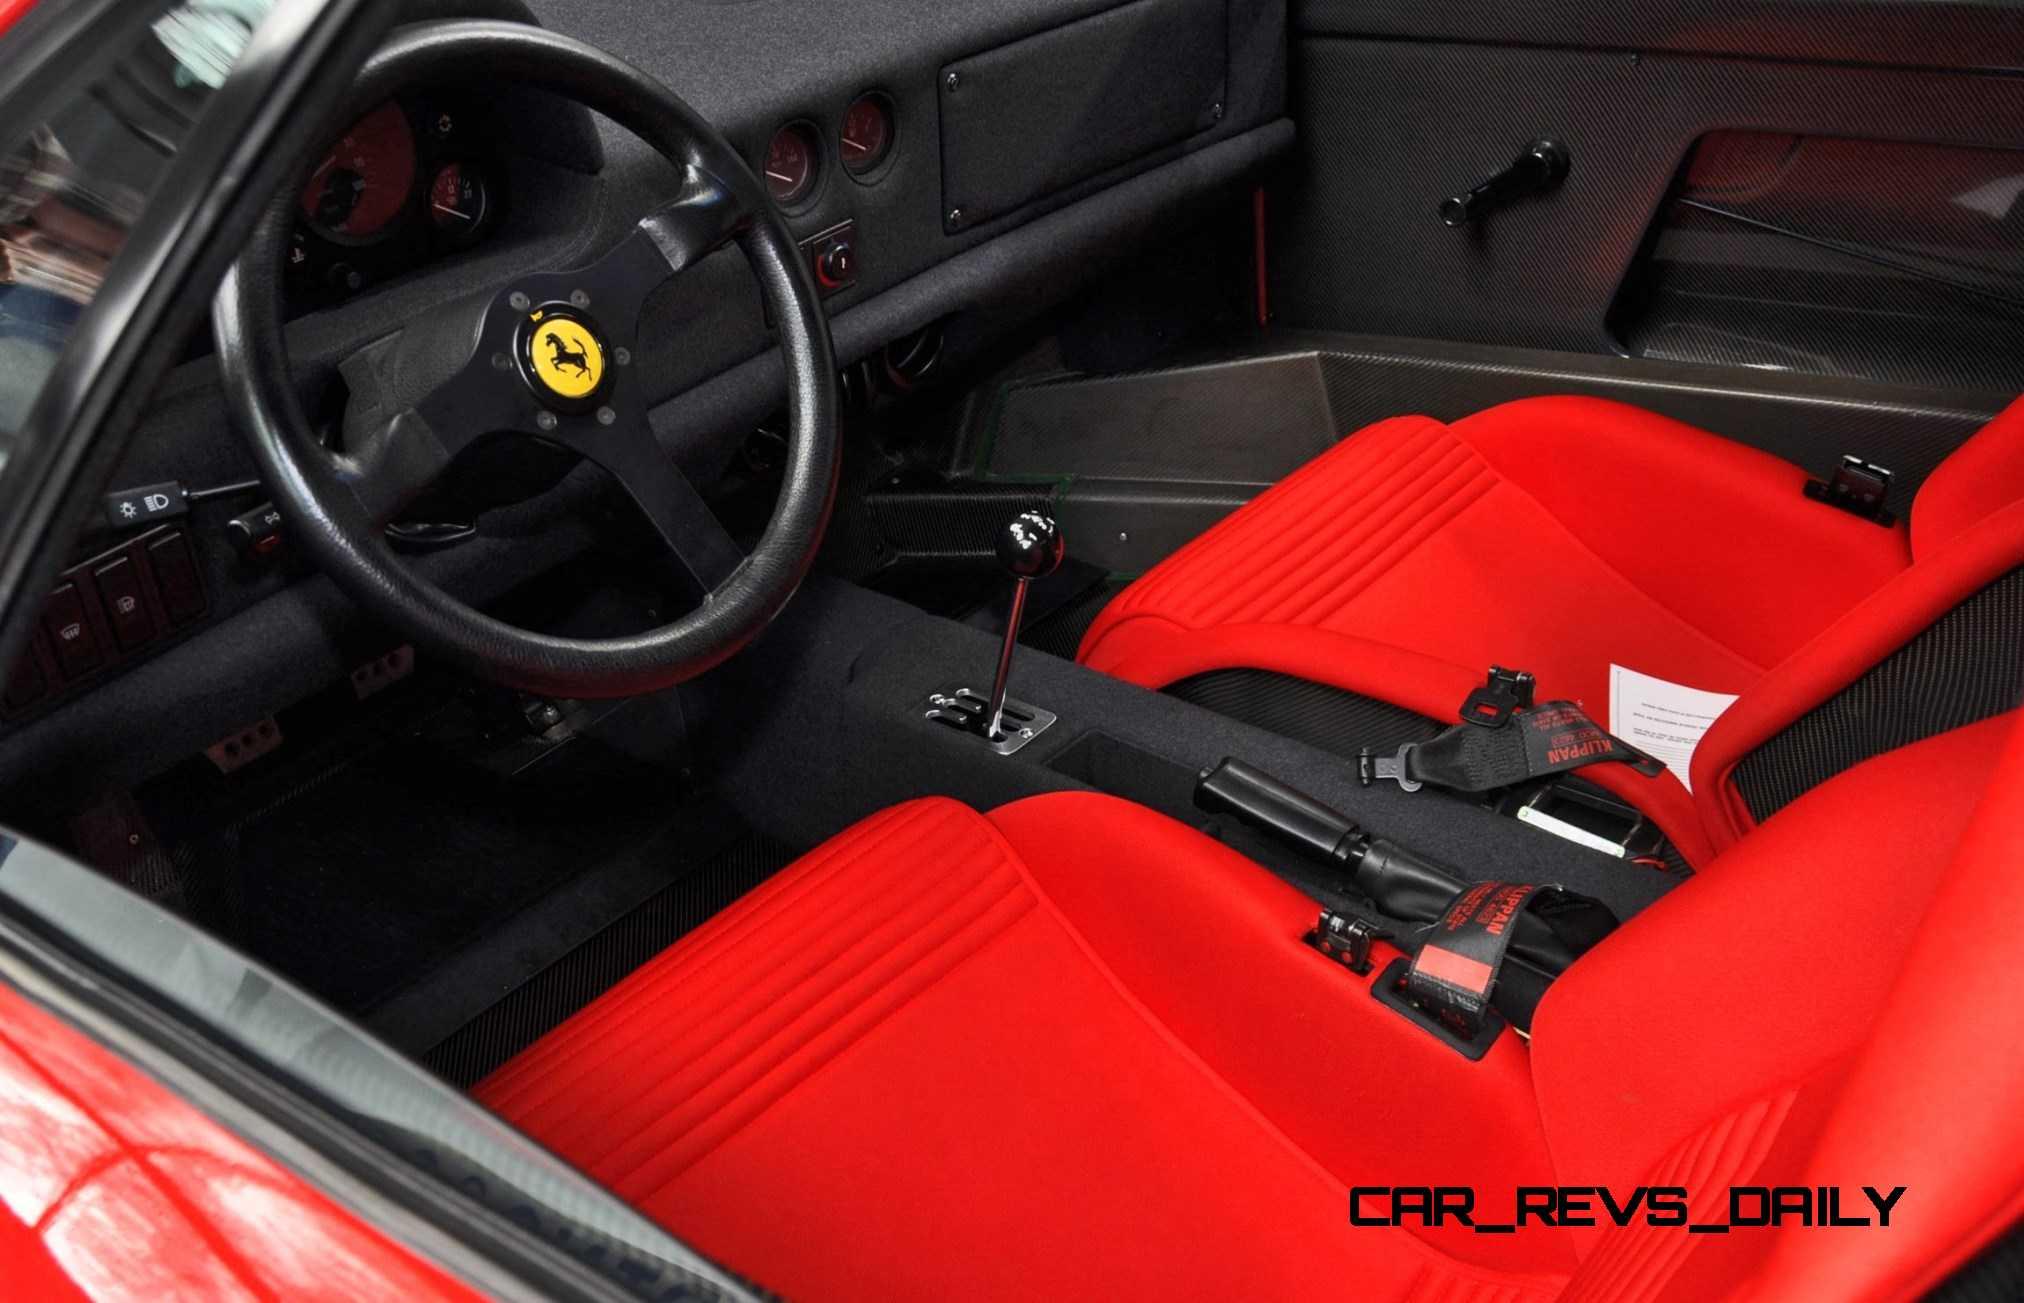 1991-Ferrari-F40-29 Marvelous Ferrari Mondial 8 Te Koop Cars Trend